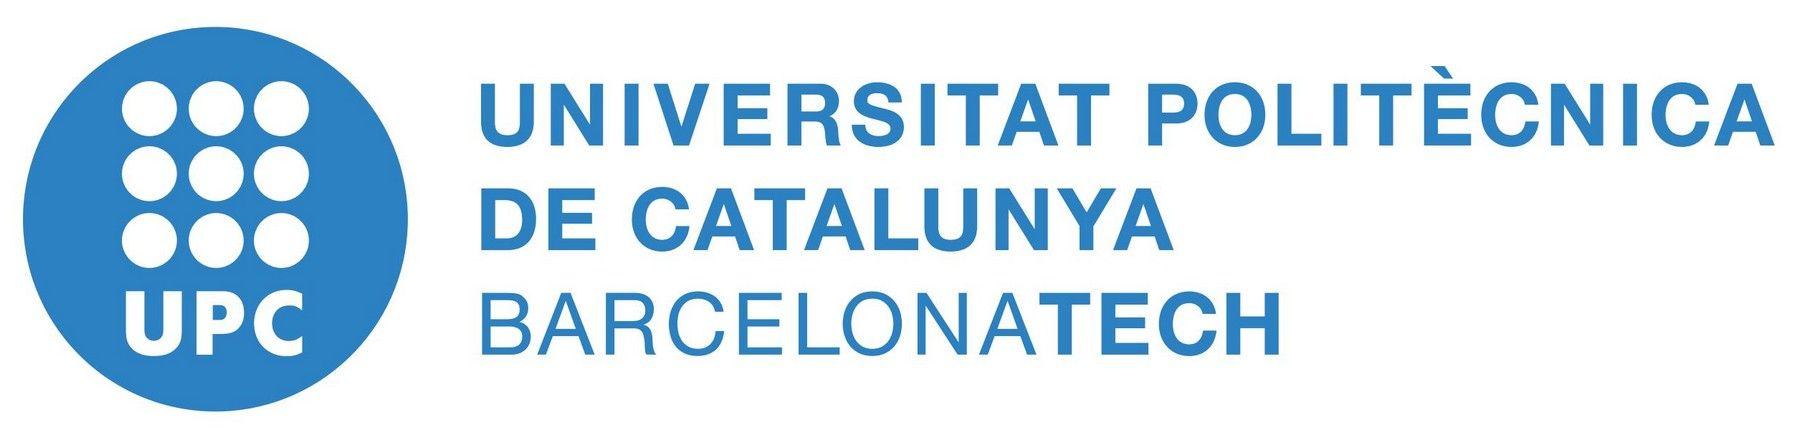 Resultado de imagem para university of catalonia logo